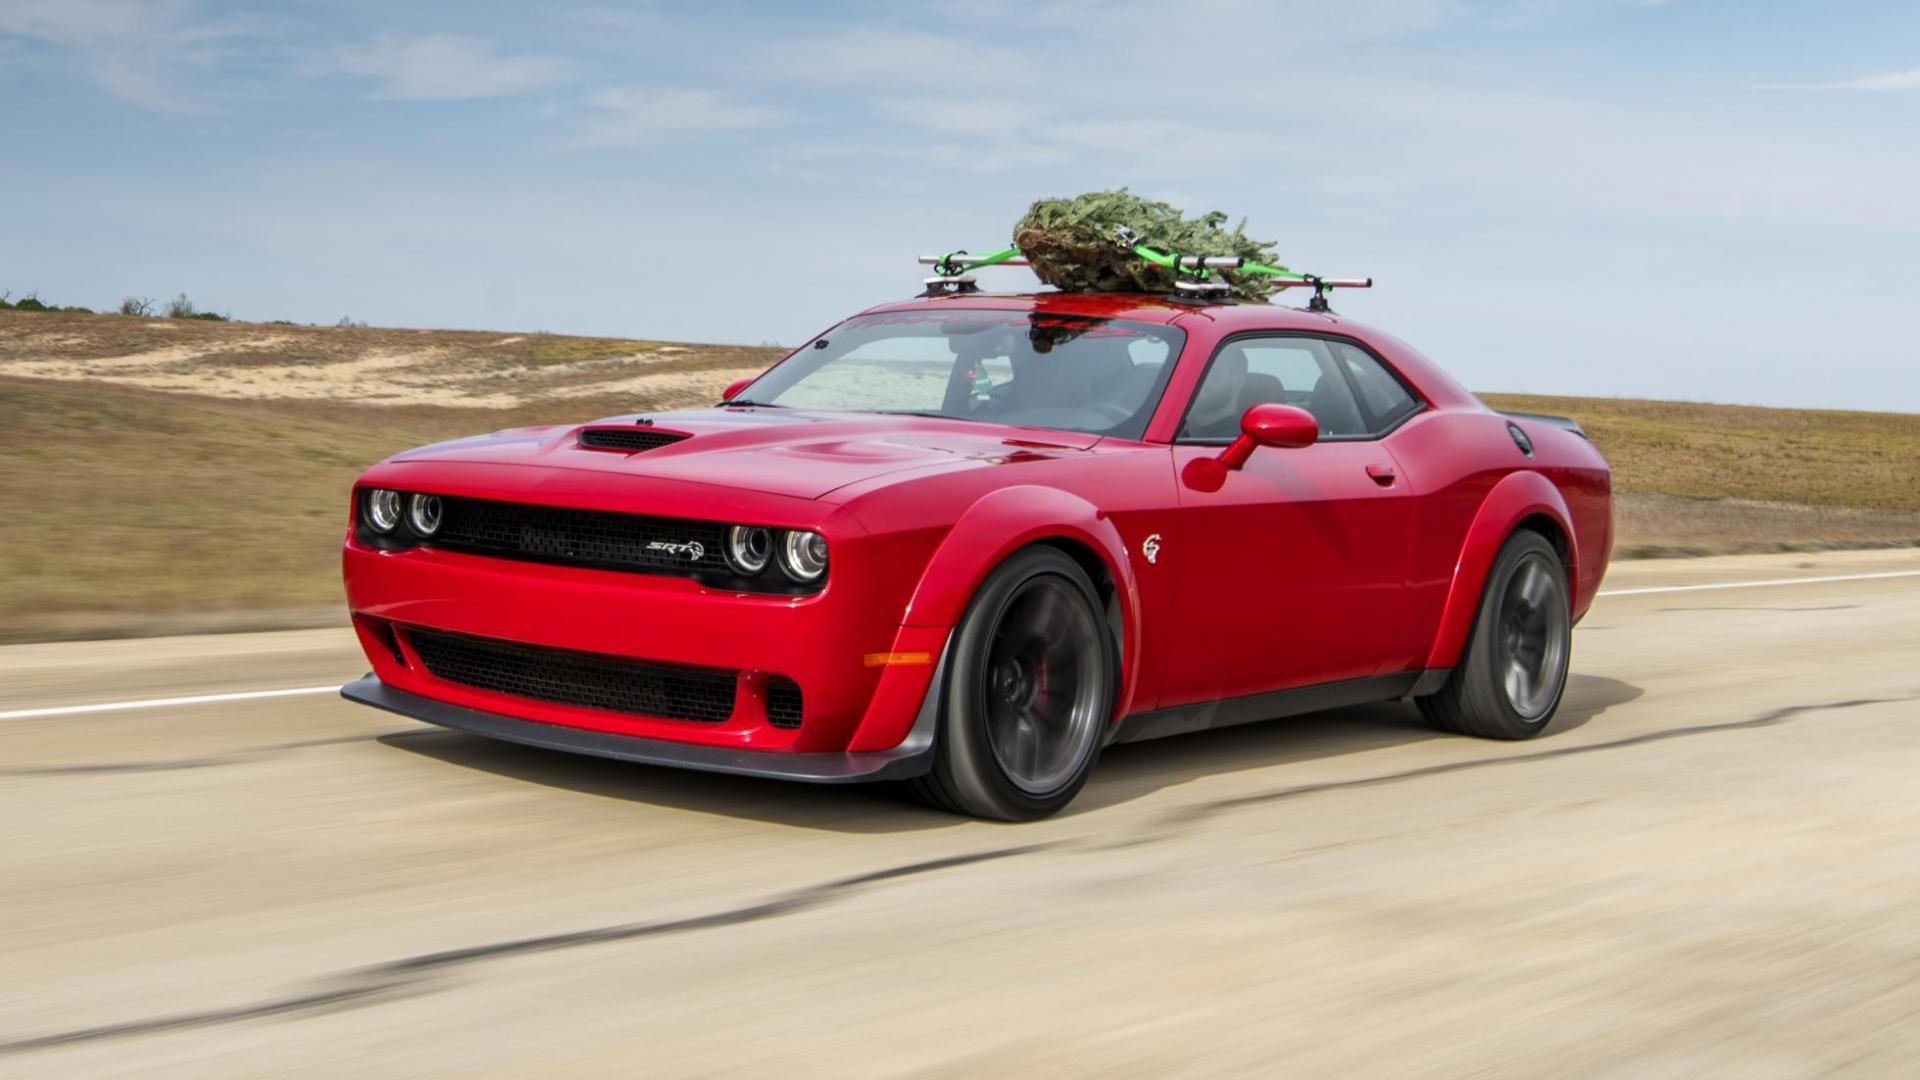 Kun je 280 km/u rijden met een kerstboom op het dak?